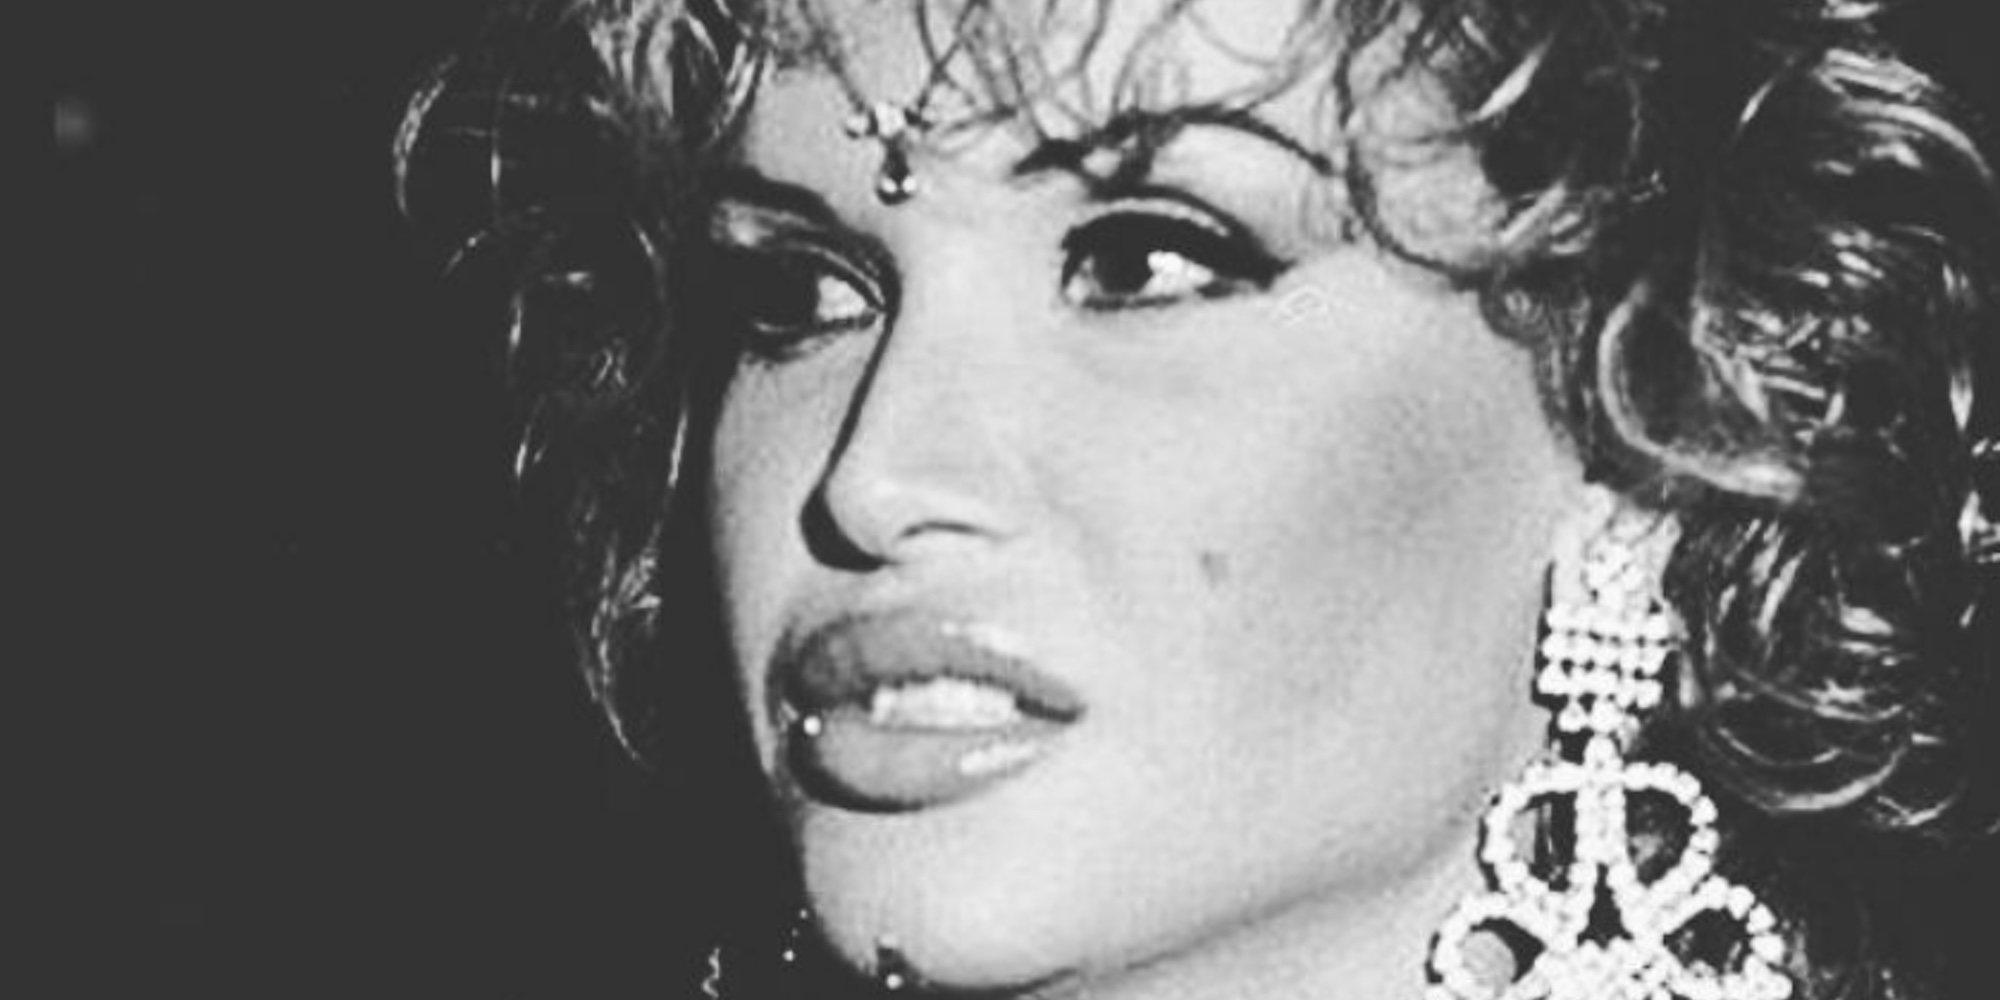 Se reabre el caso de La Veneno tras nuevos indicios de un posible asesinato